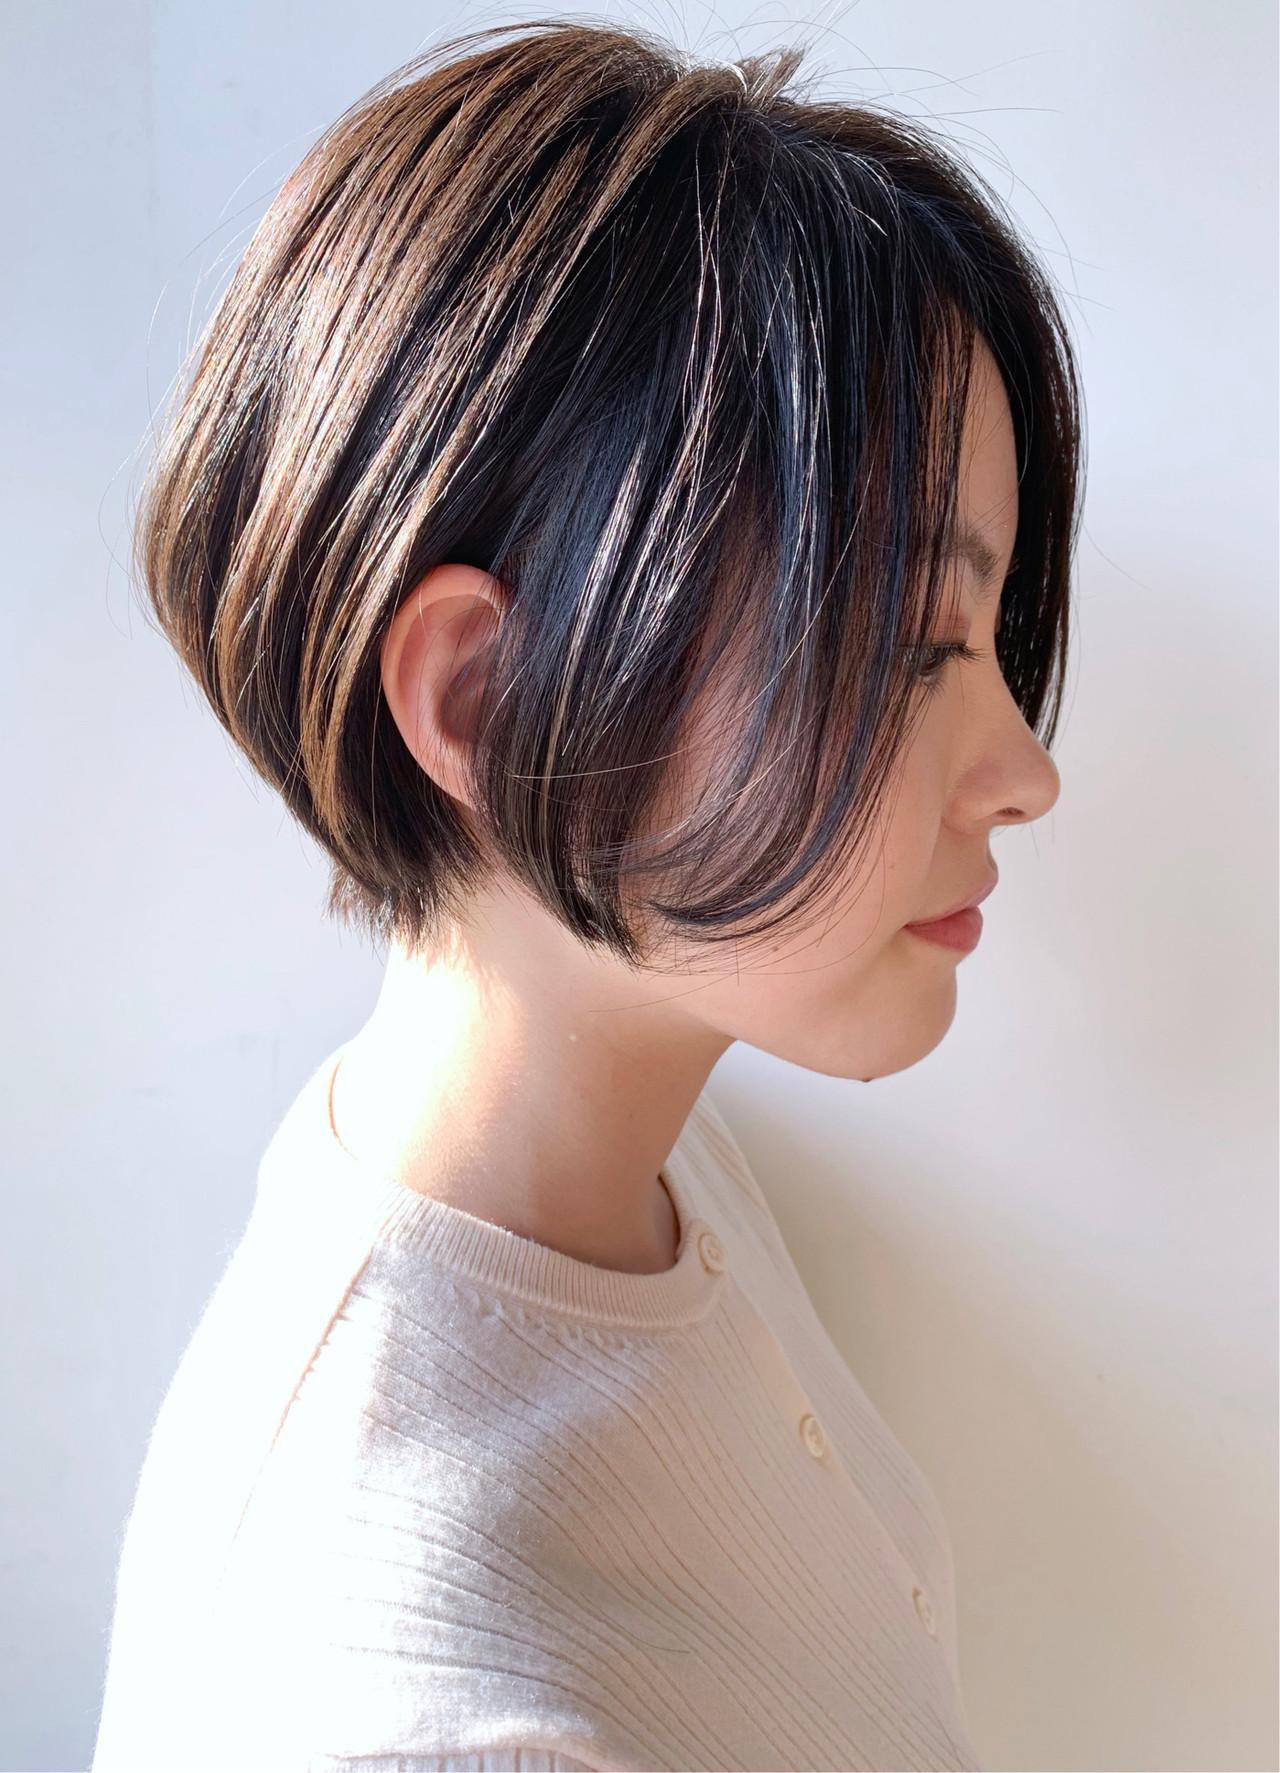 ナチュラル 丸みショート ショートヘア 大人かわいい ヘアスタイルや髪型の写真・画像